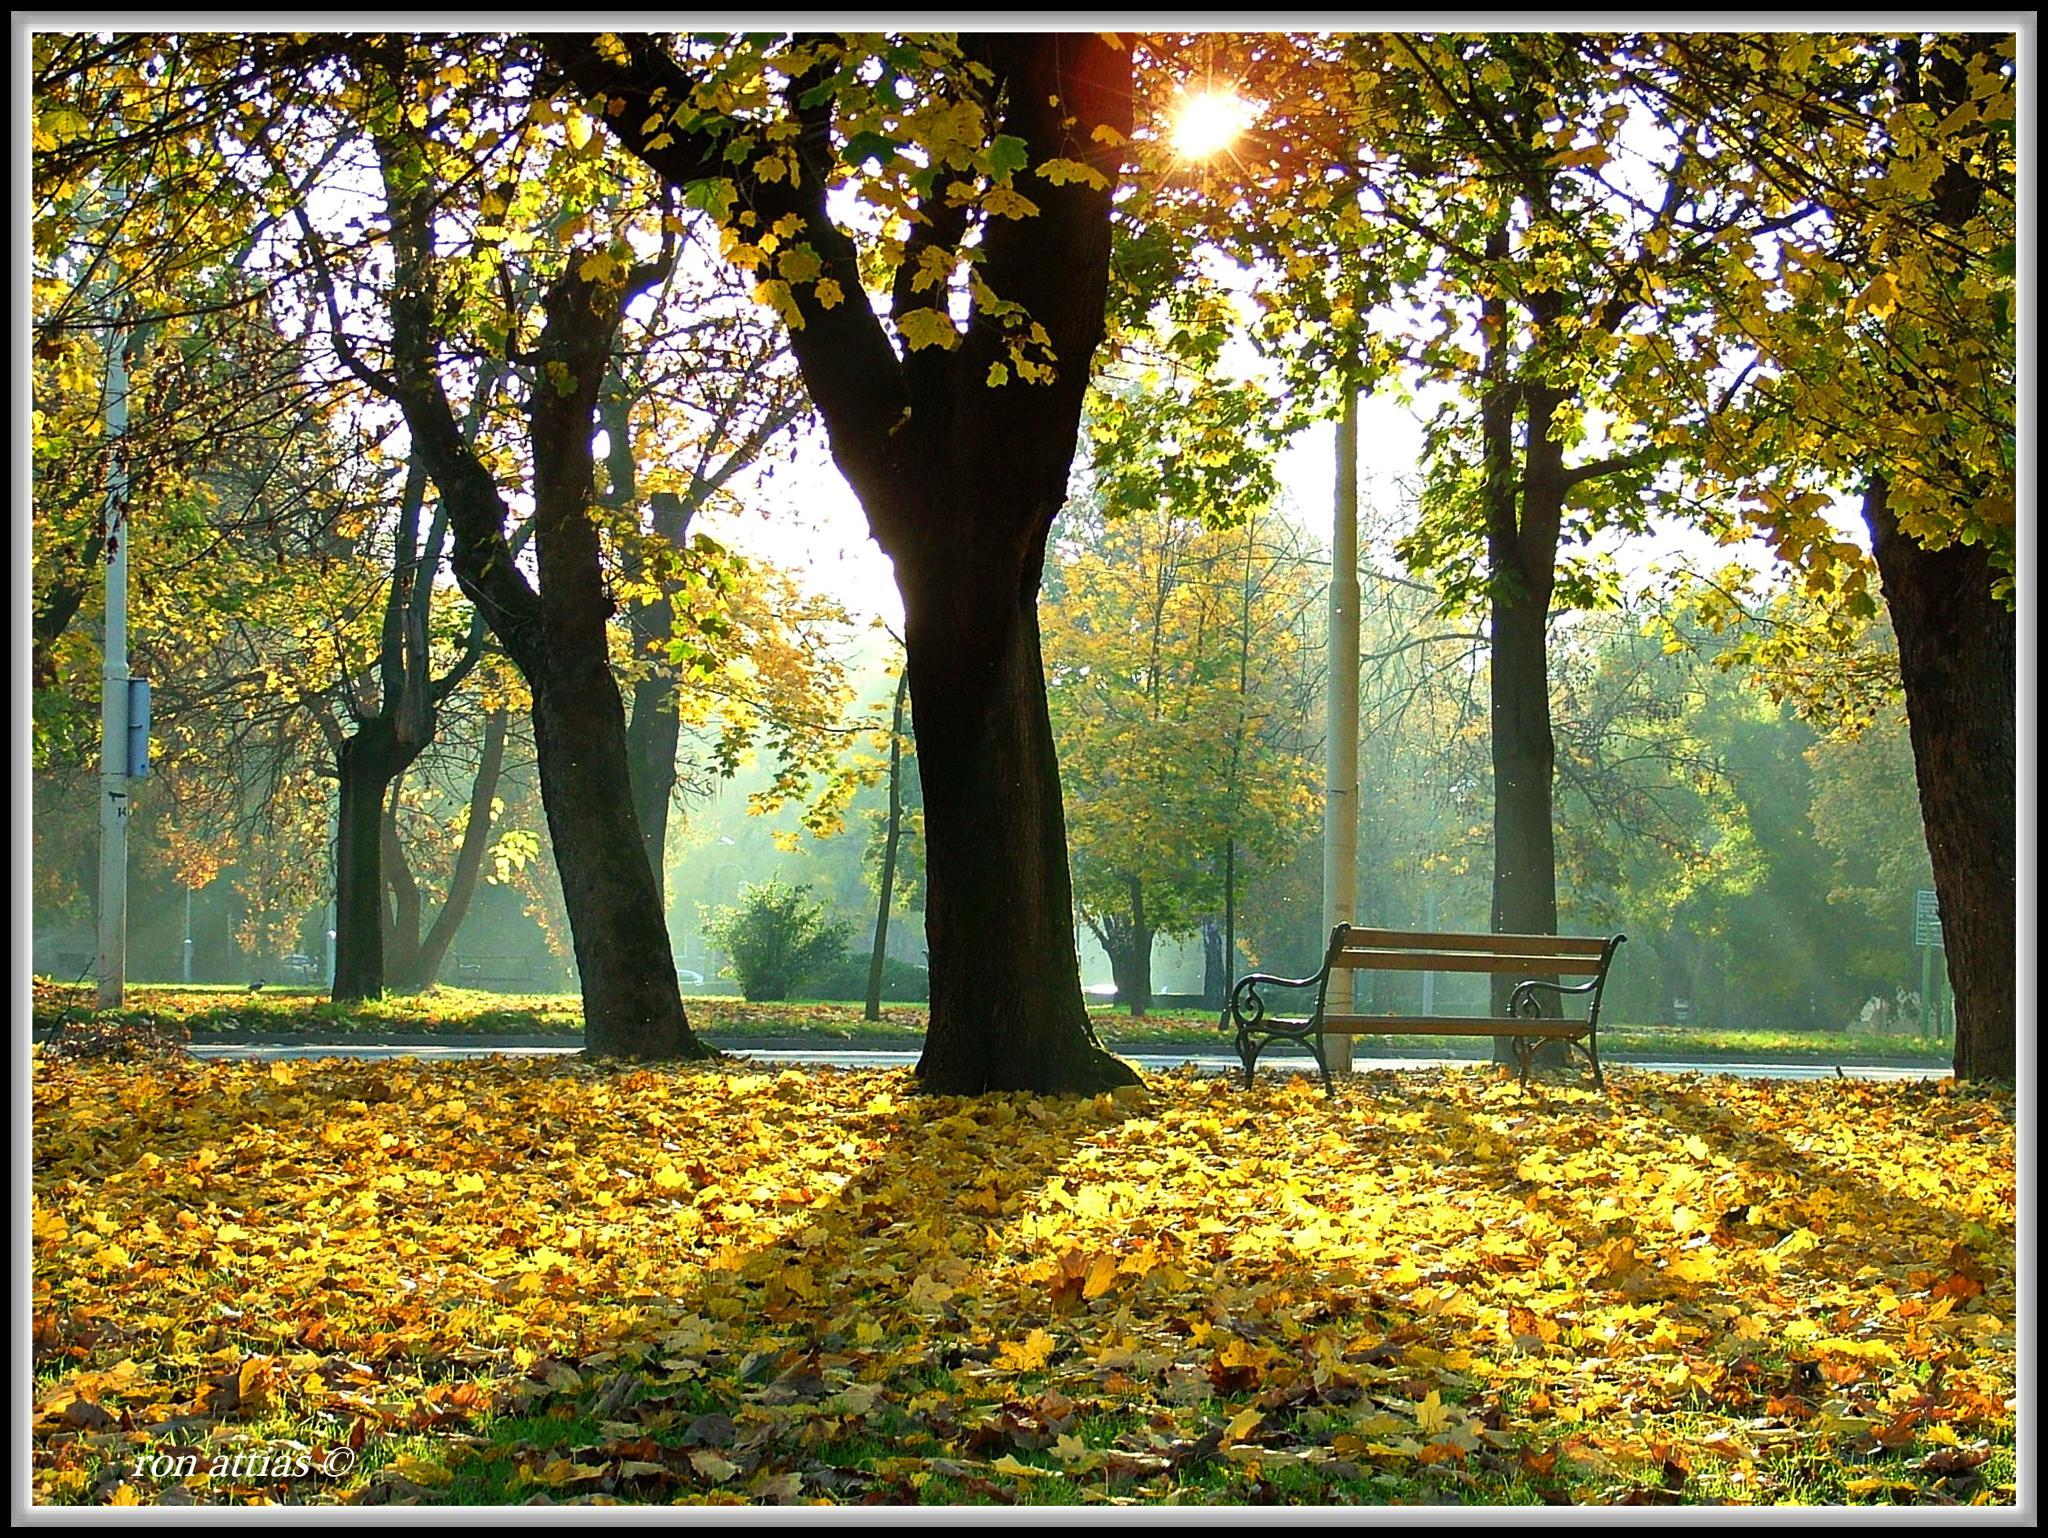 Garden Prague by ron.attias.7